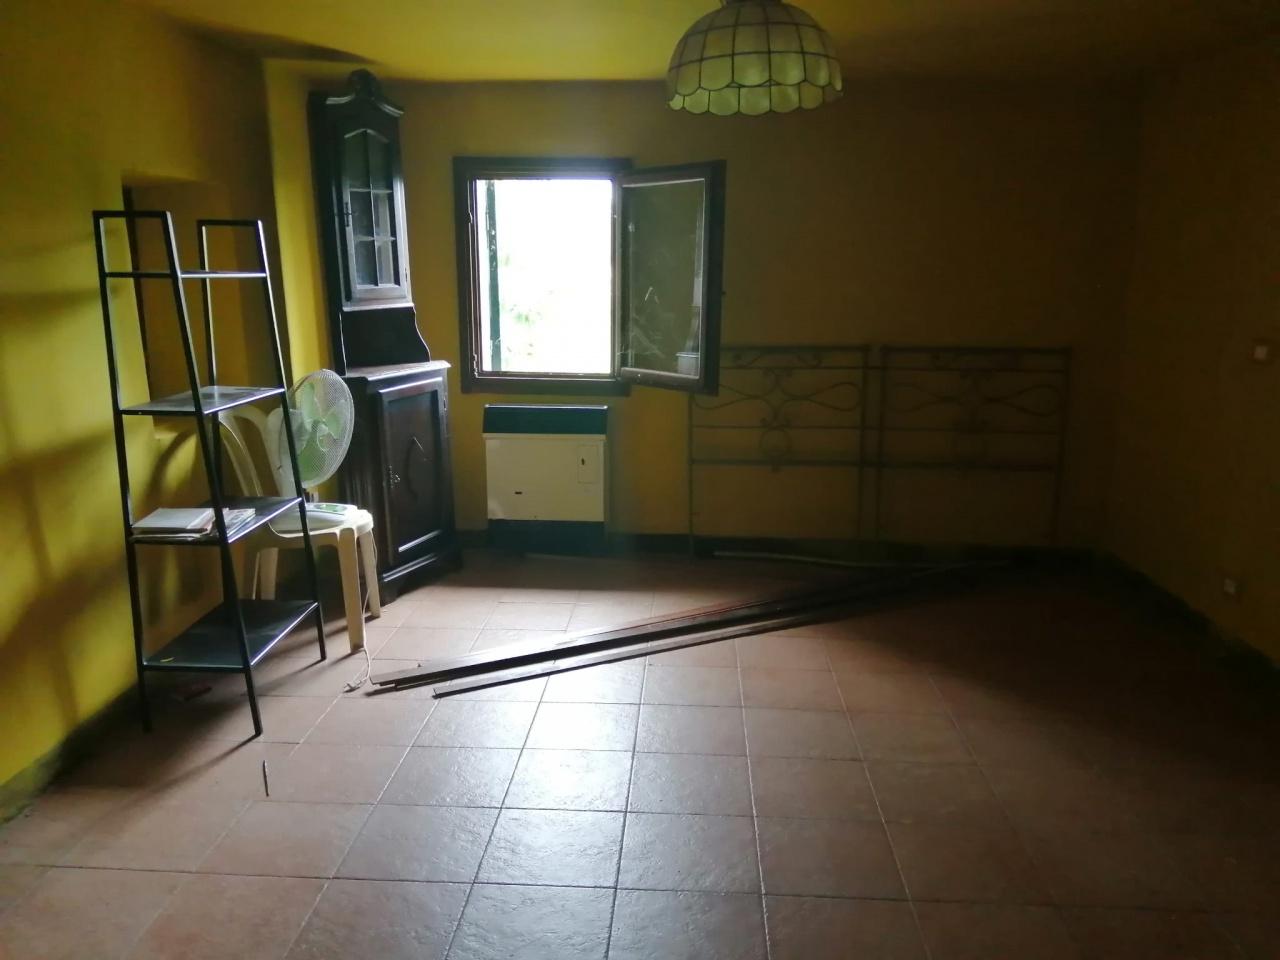 Appartamento MOLARE OVADA MOLARE